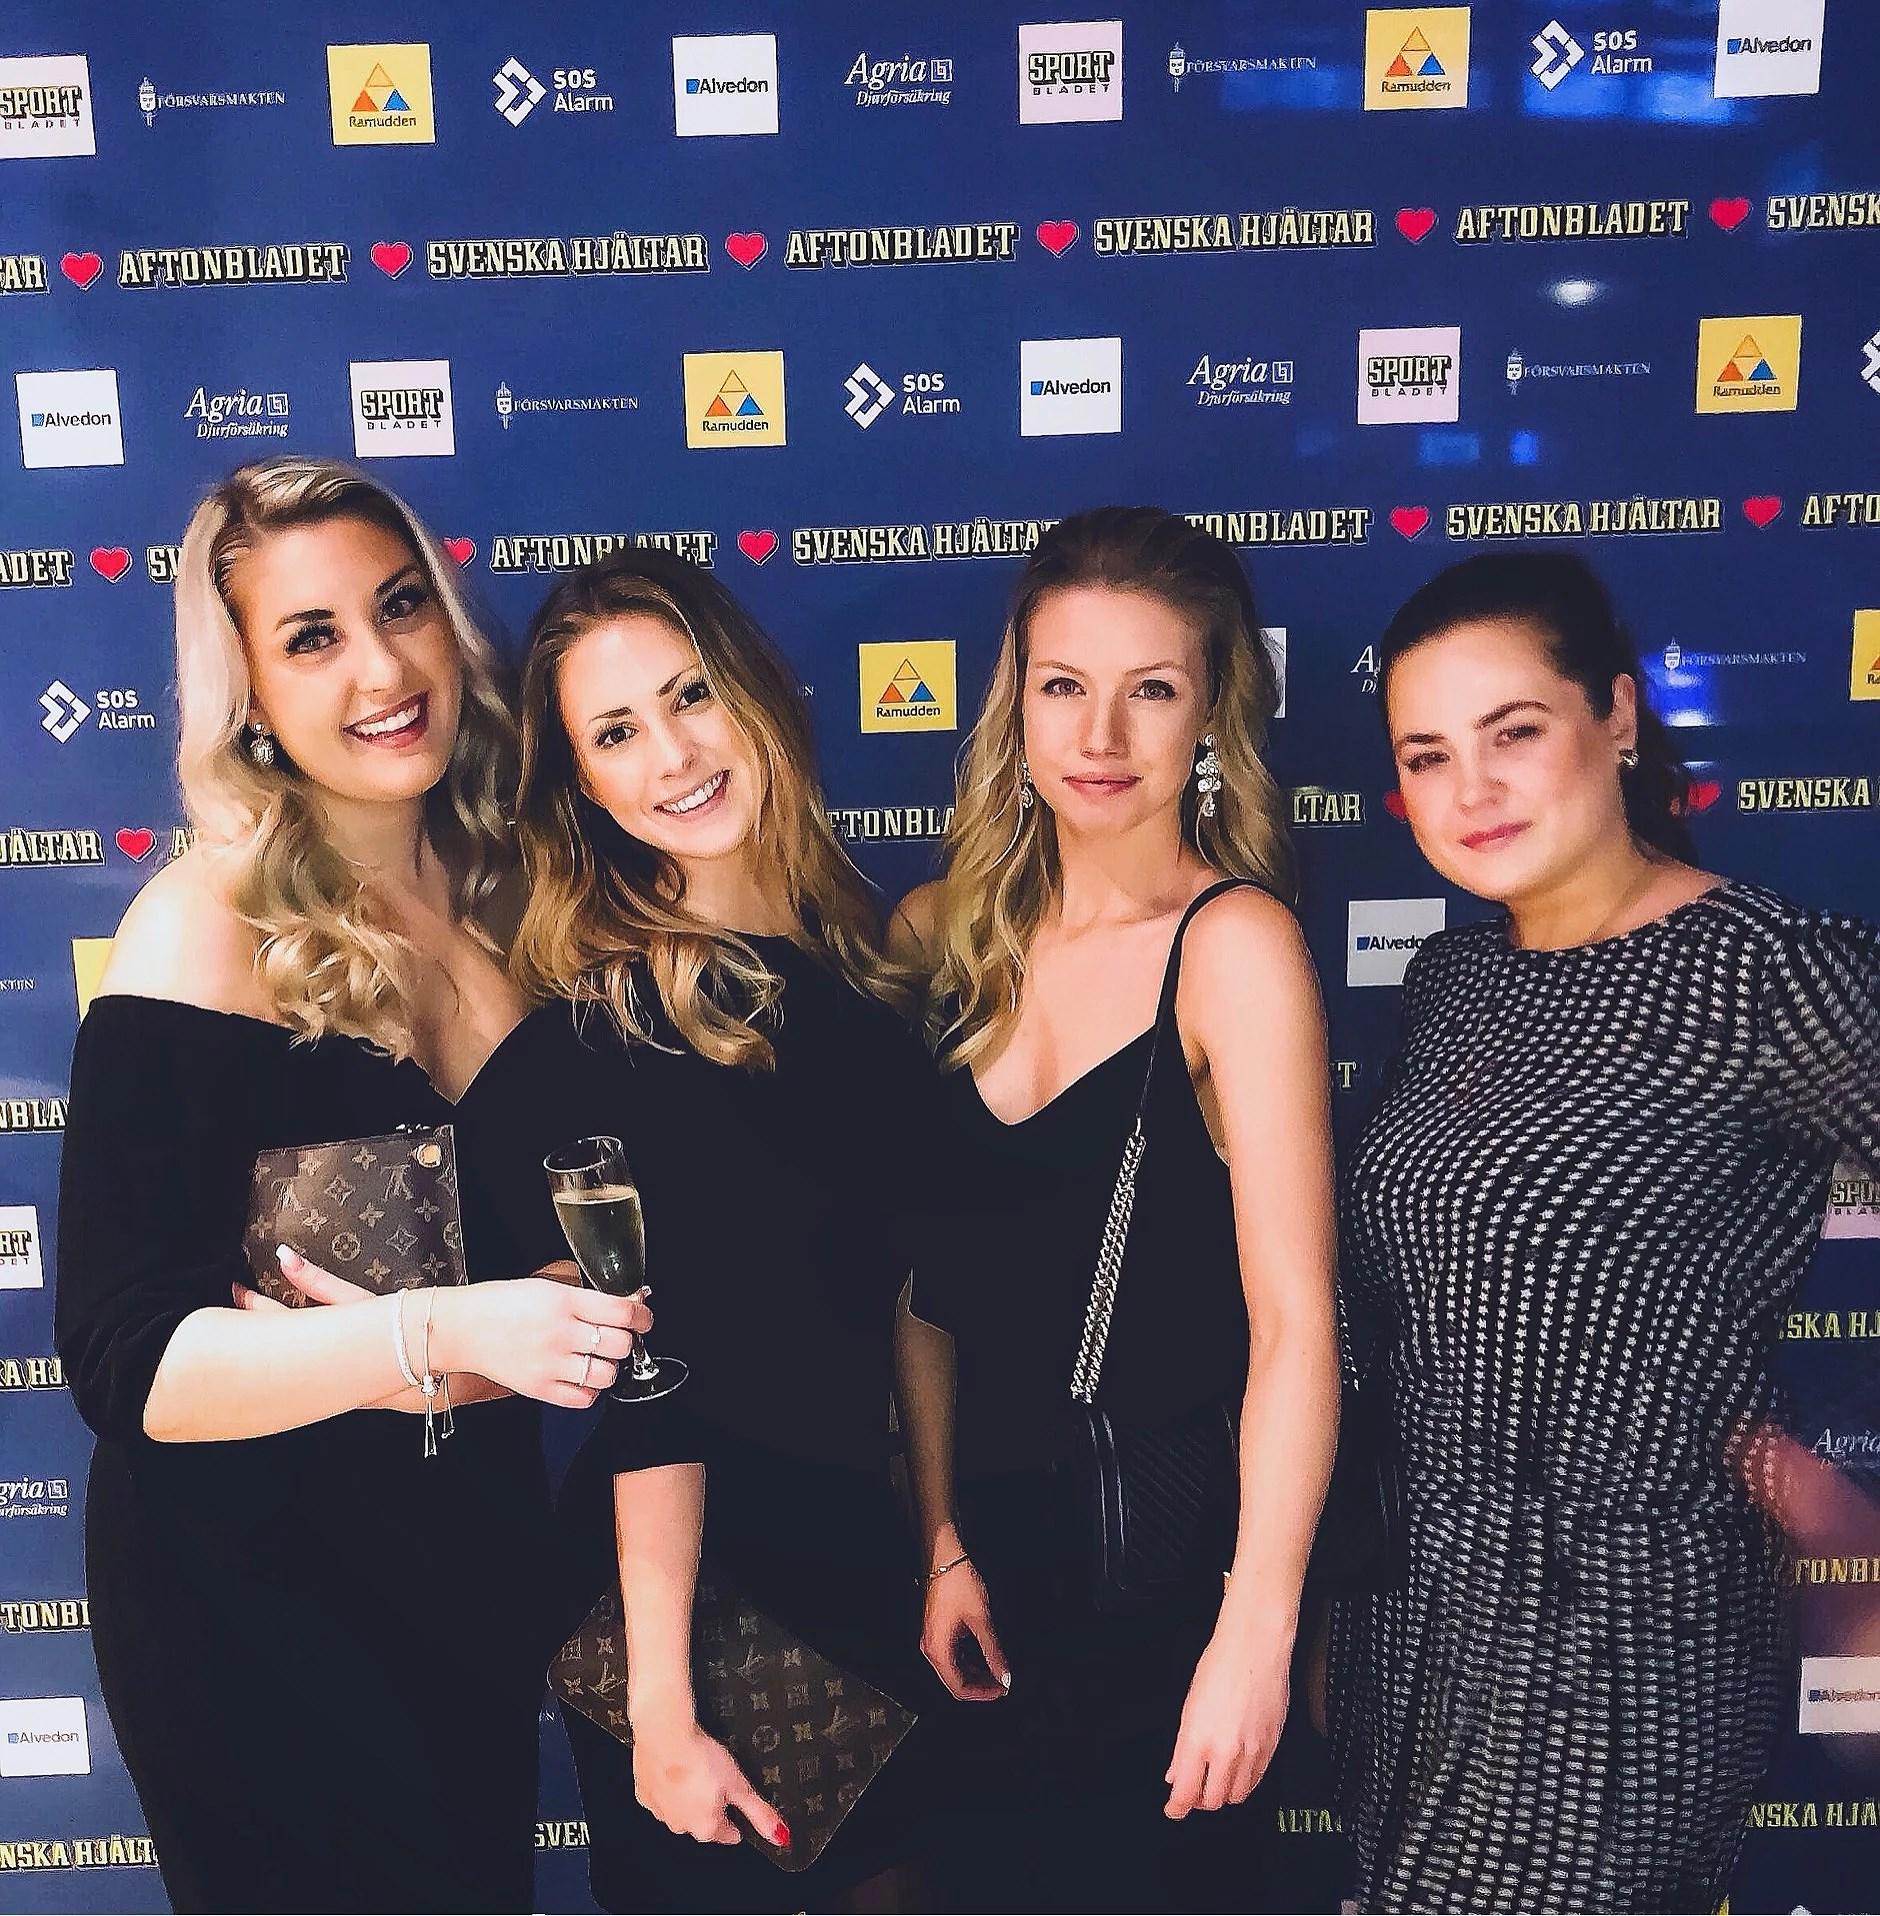 Svenska hjältar-galan 2018